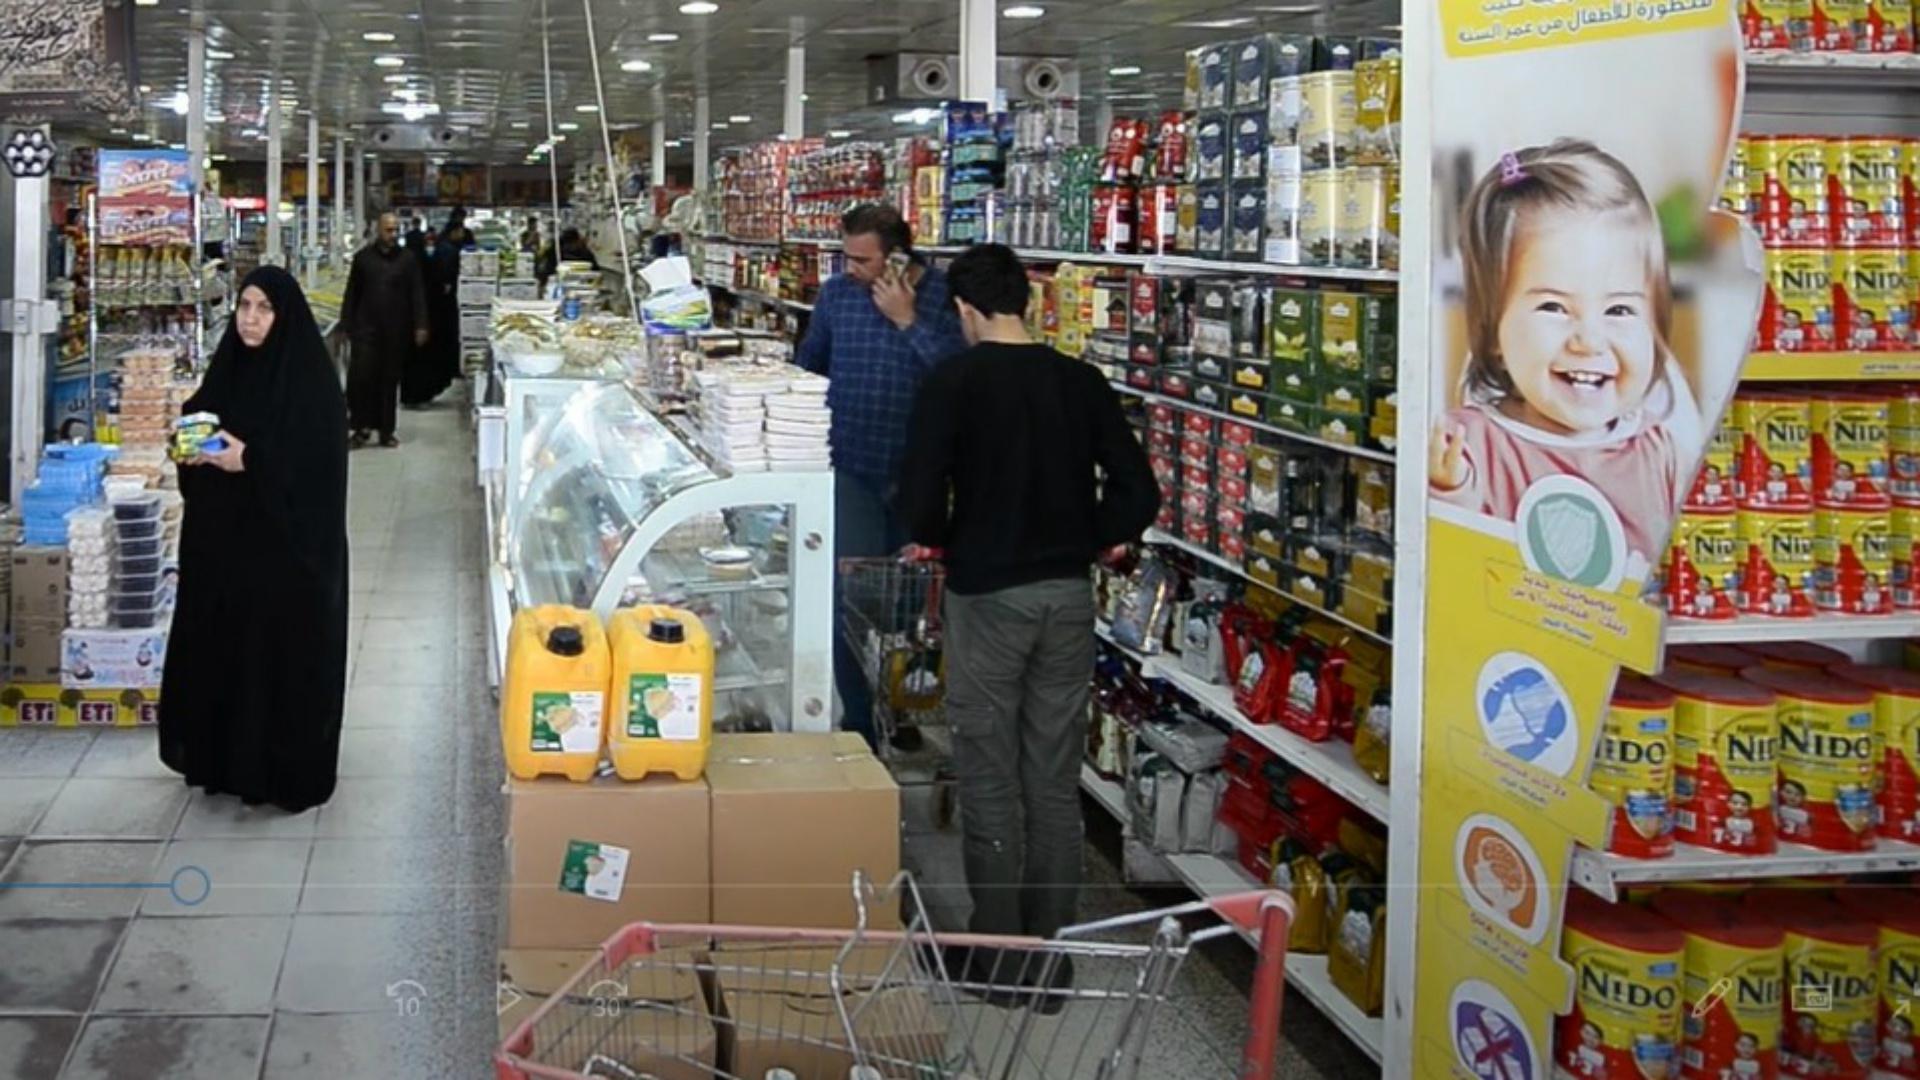 النجف تعلن السيطرة على أسعار المواد الغذائية